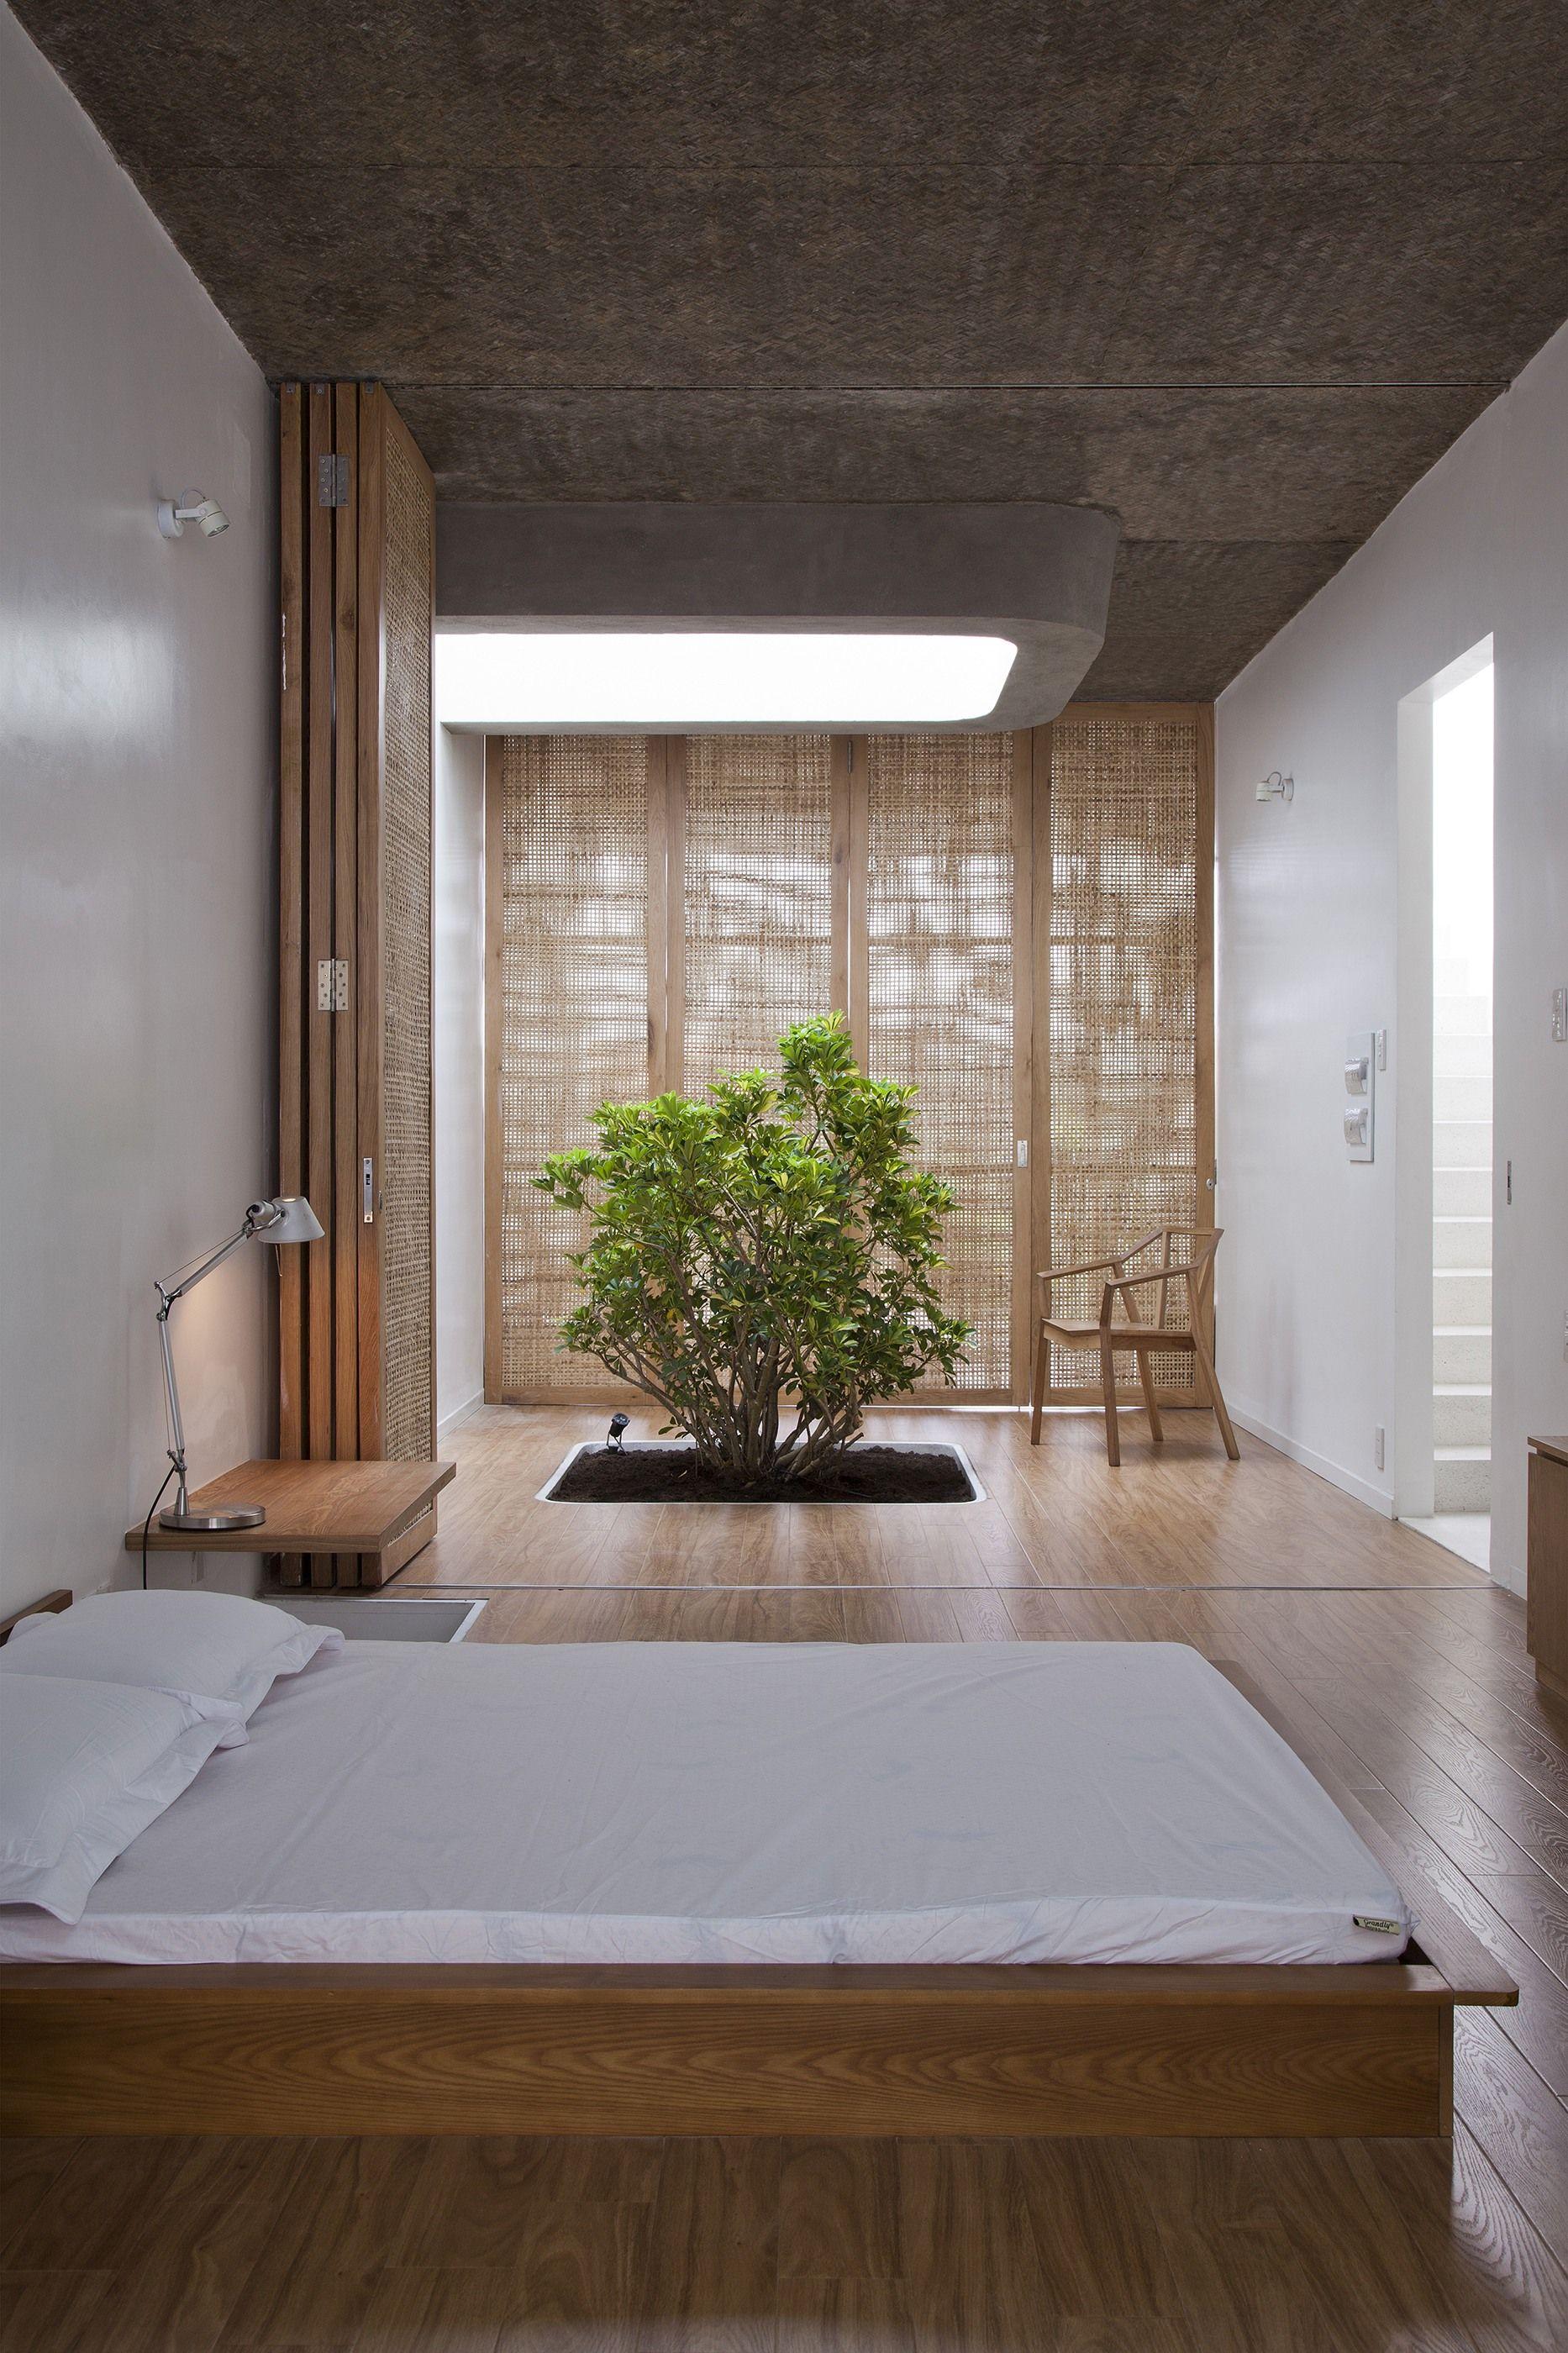 19 mẫu phòng ngủ hài hòa và thư thái theo phong cách Zen - Ảnh 7.